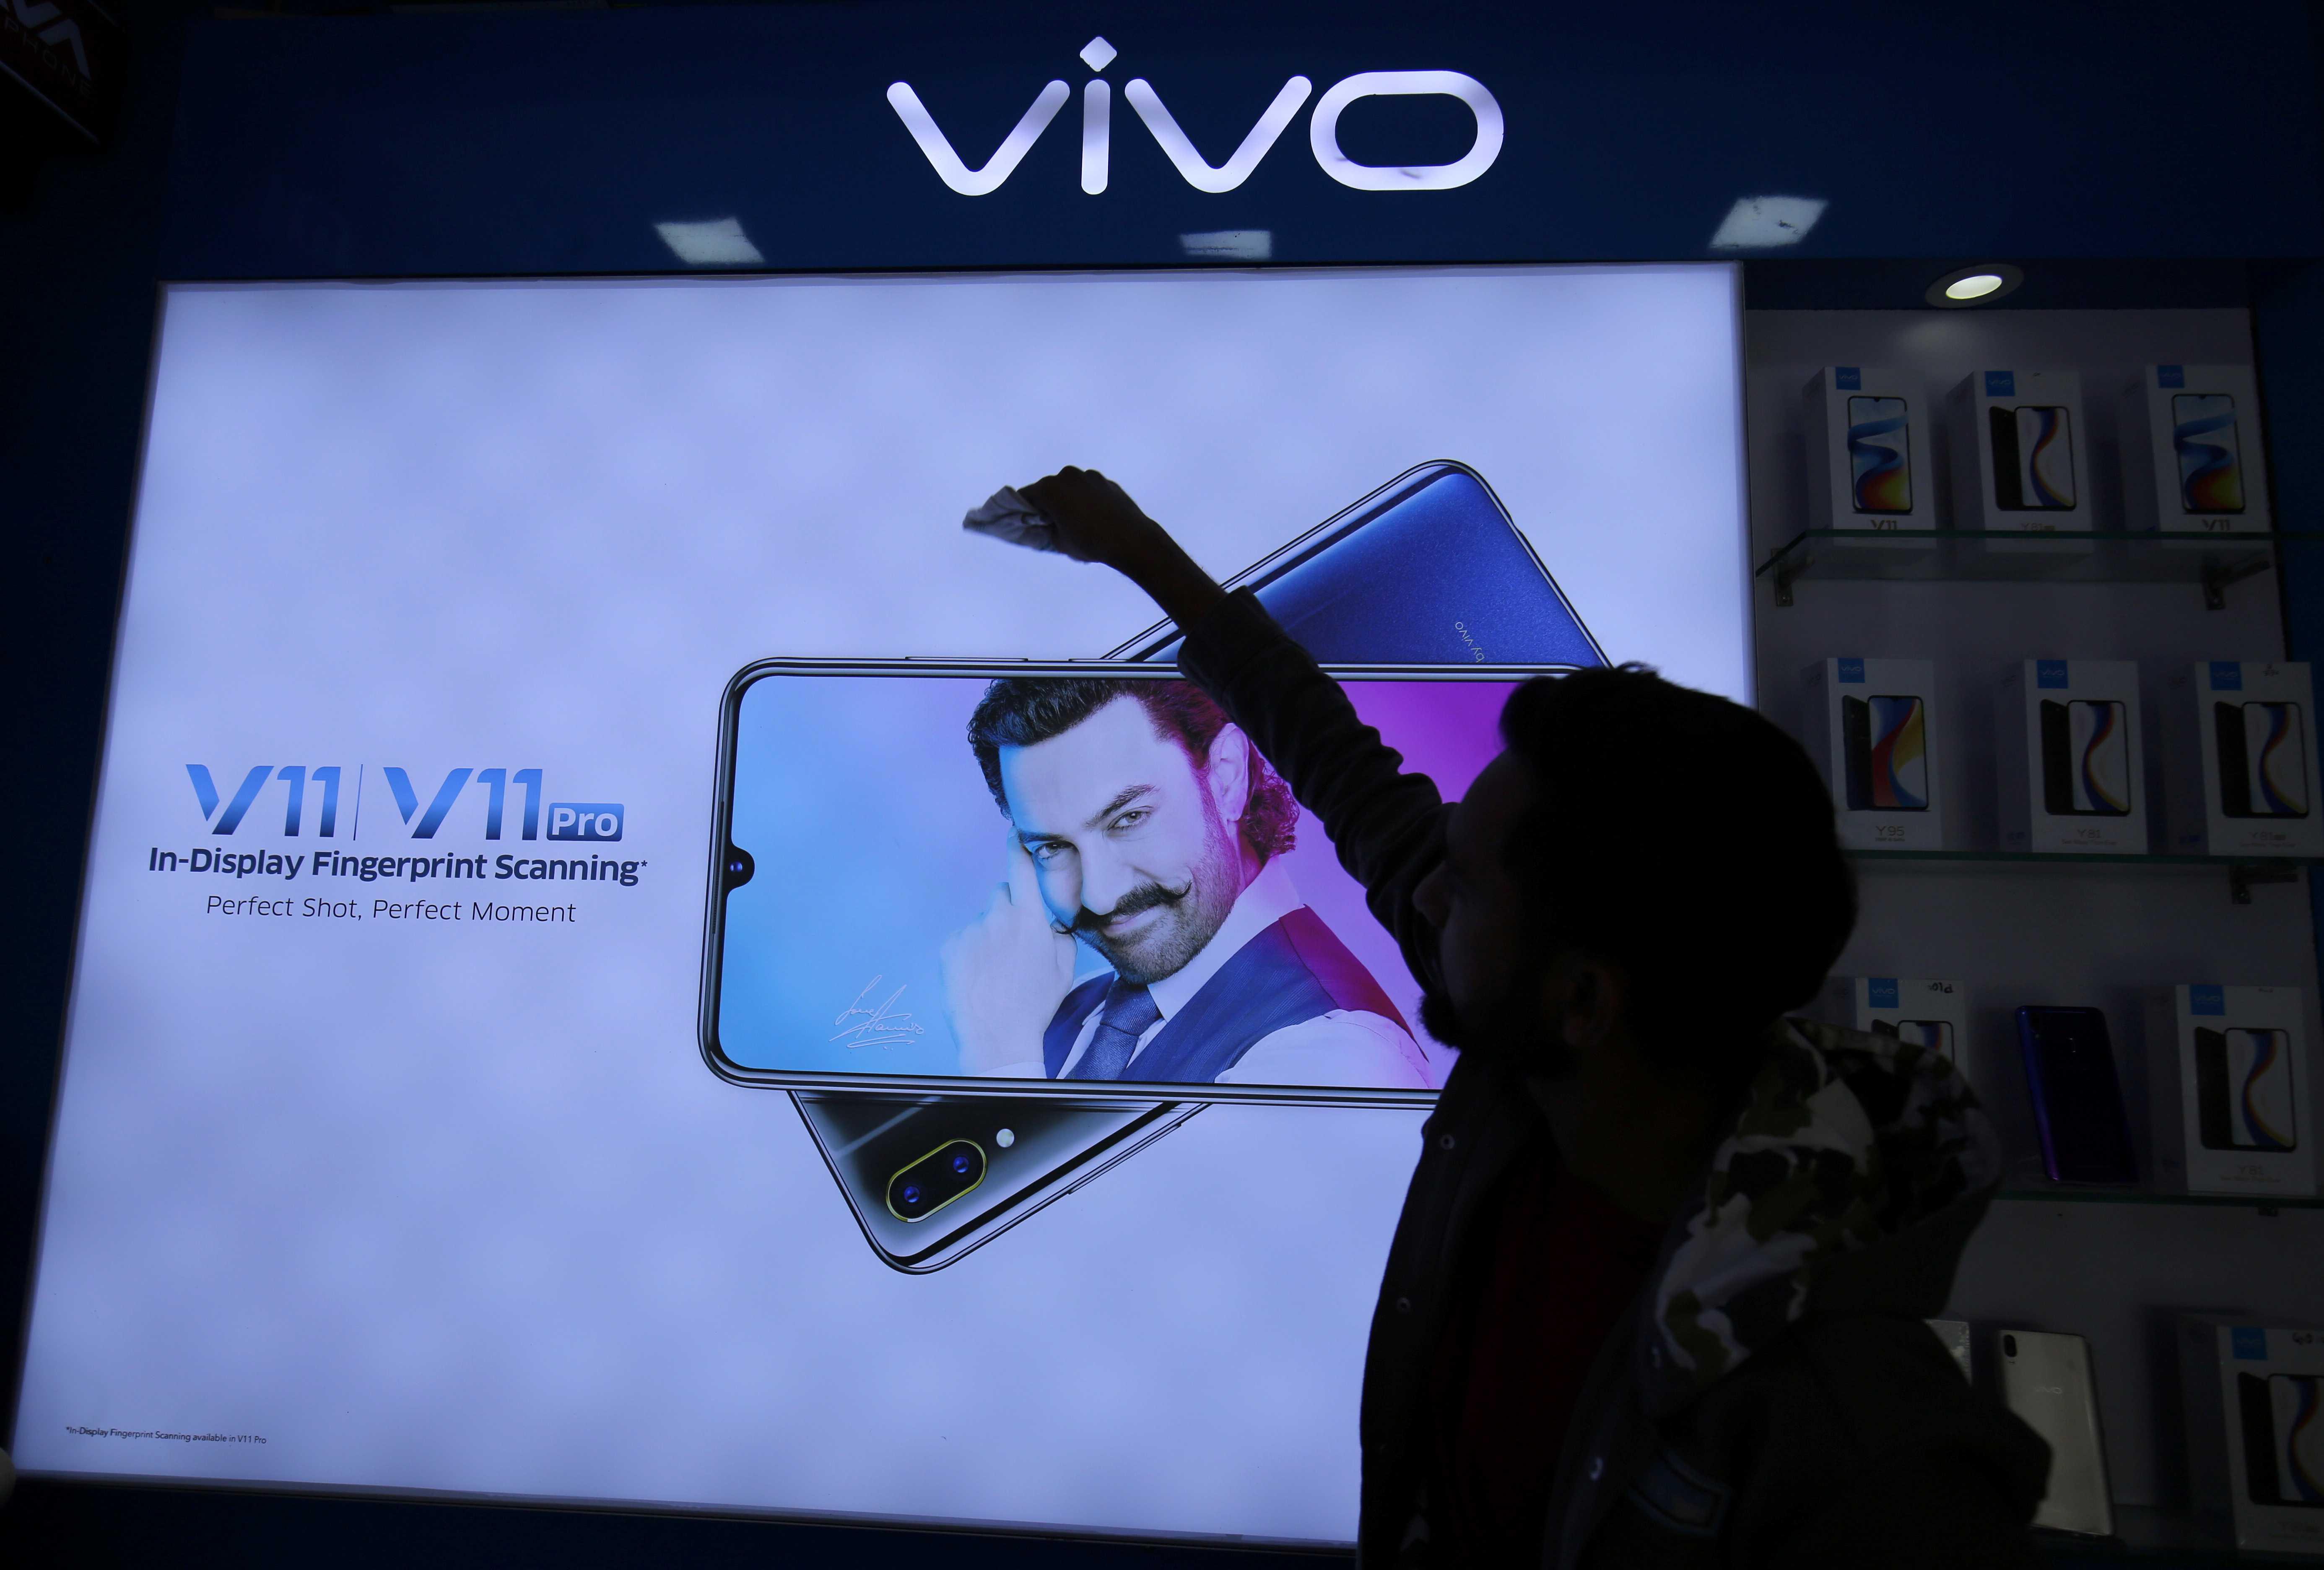 Обзор vivo iqoo 5 pro: характеристики, цена